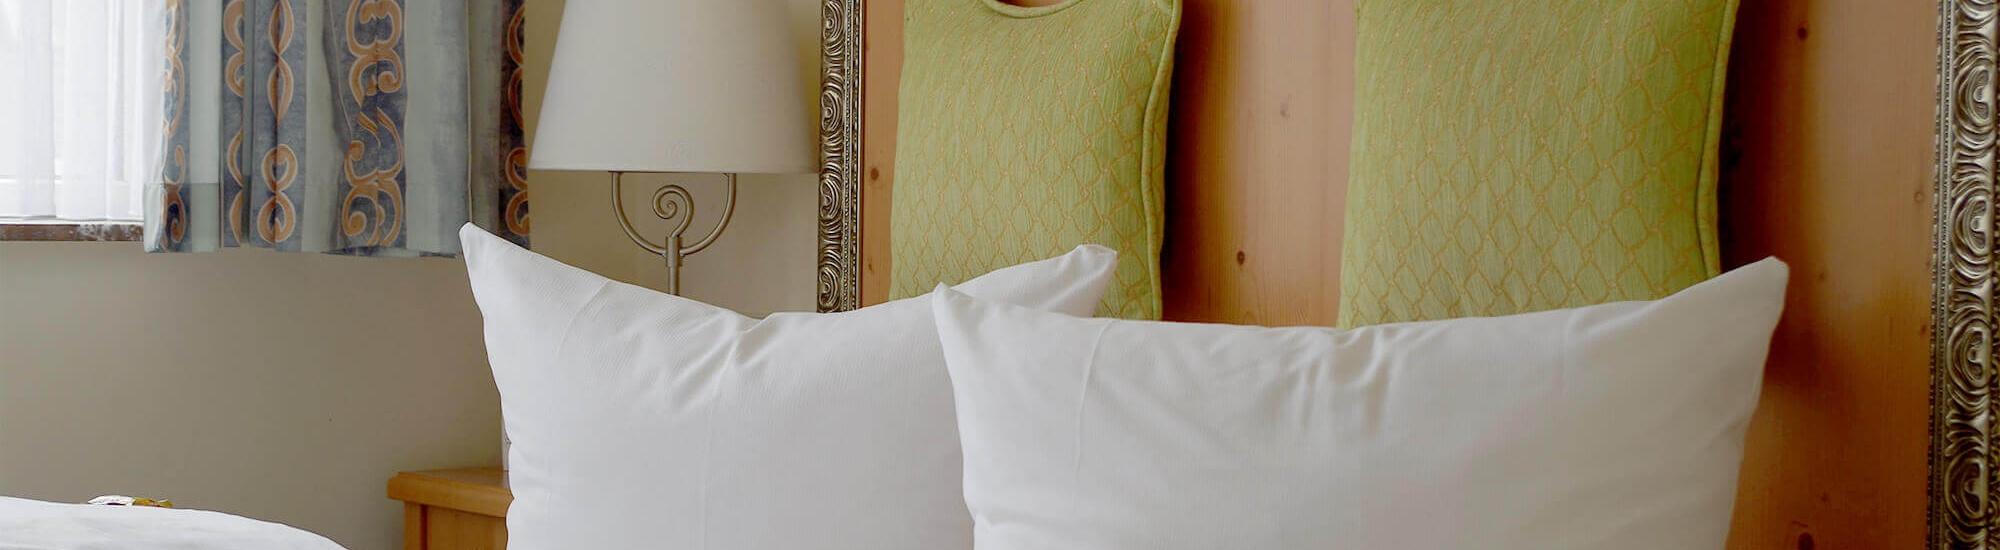 Familienzimmer-Bett